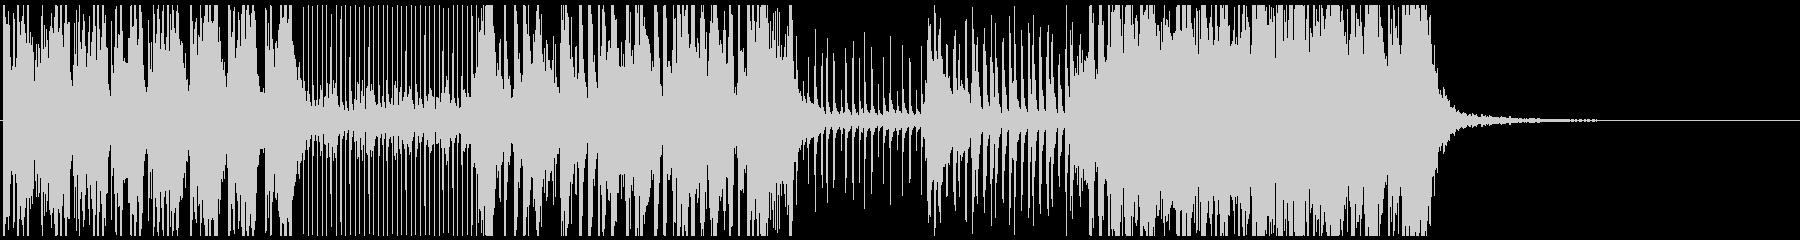 音、リズムが心地良い本格派「和太鼓」曲の未再生の波形